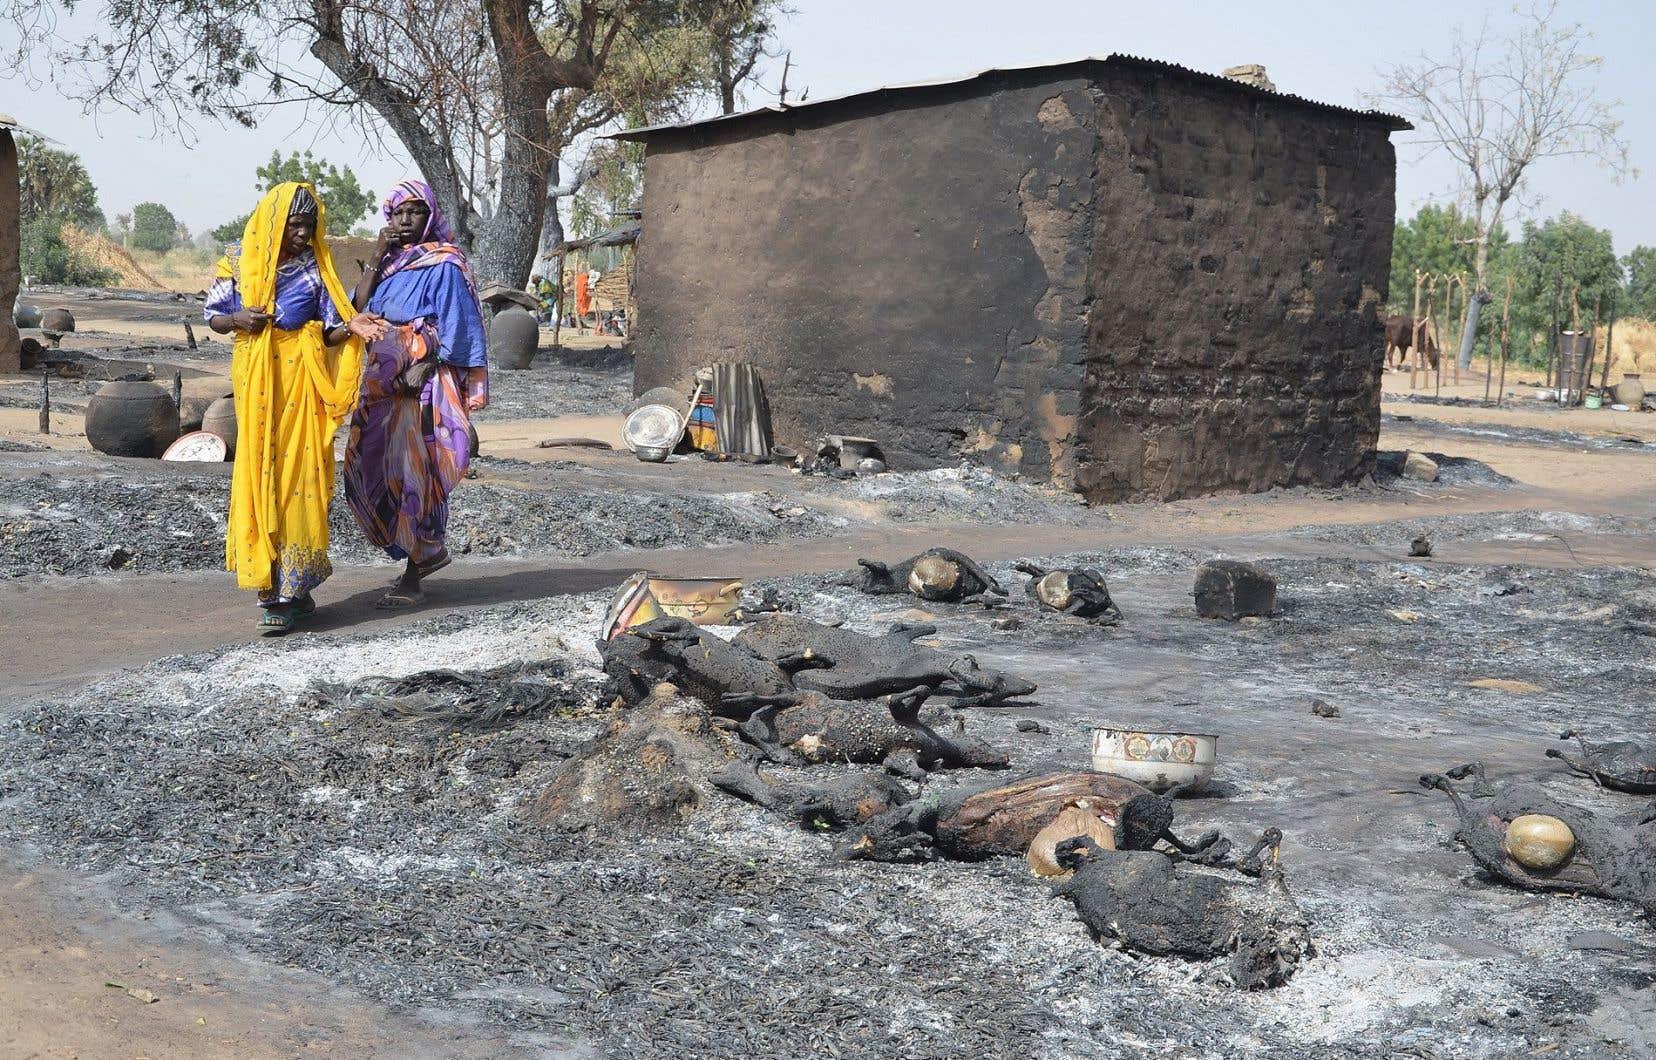 Des femmes ayant fui Boko Haram passaient devant du bétail incendié à Mairi, dans l'État de Borno, au nord-est du Nigéria, en février dernier.